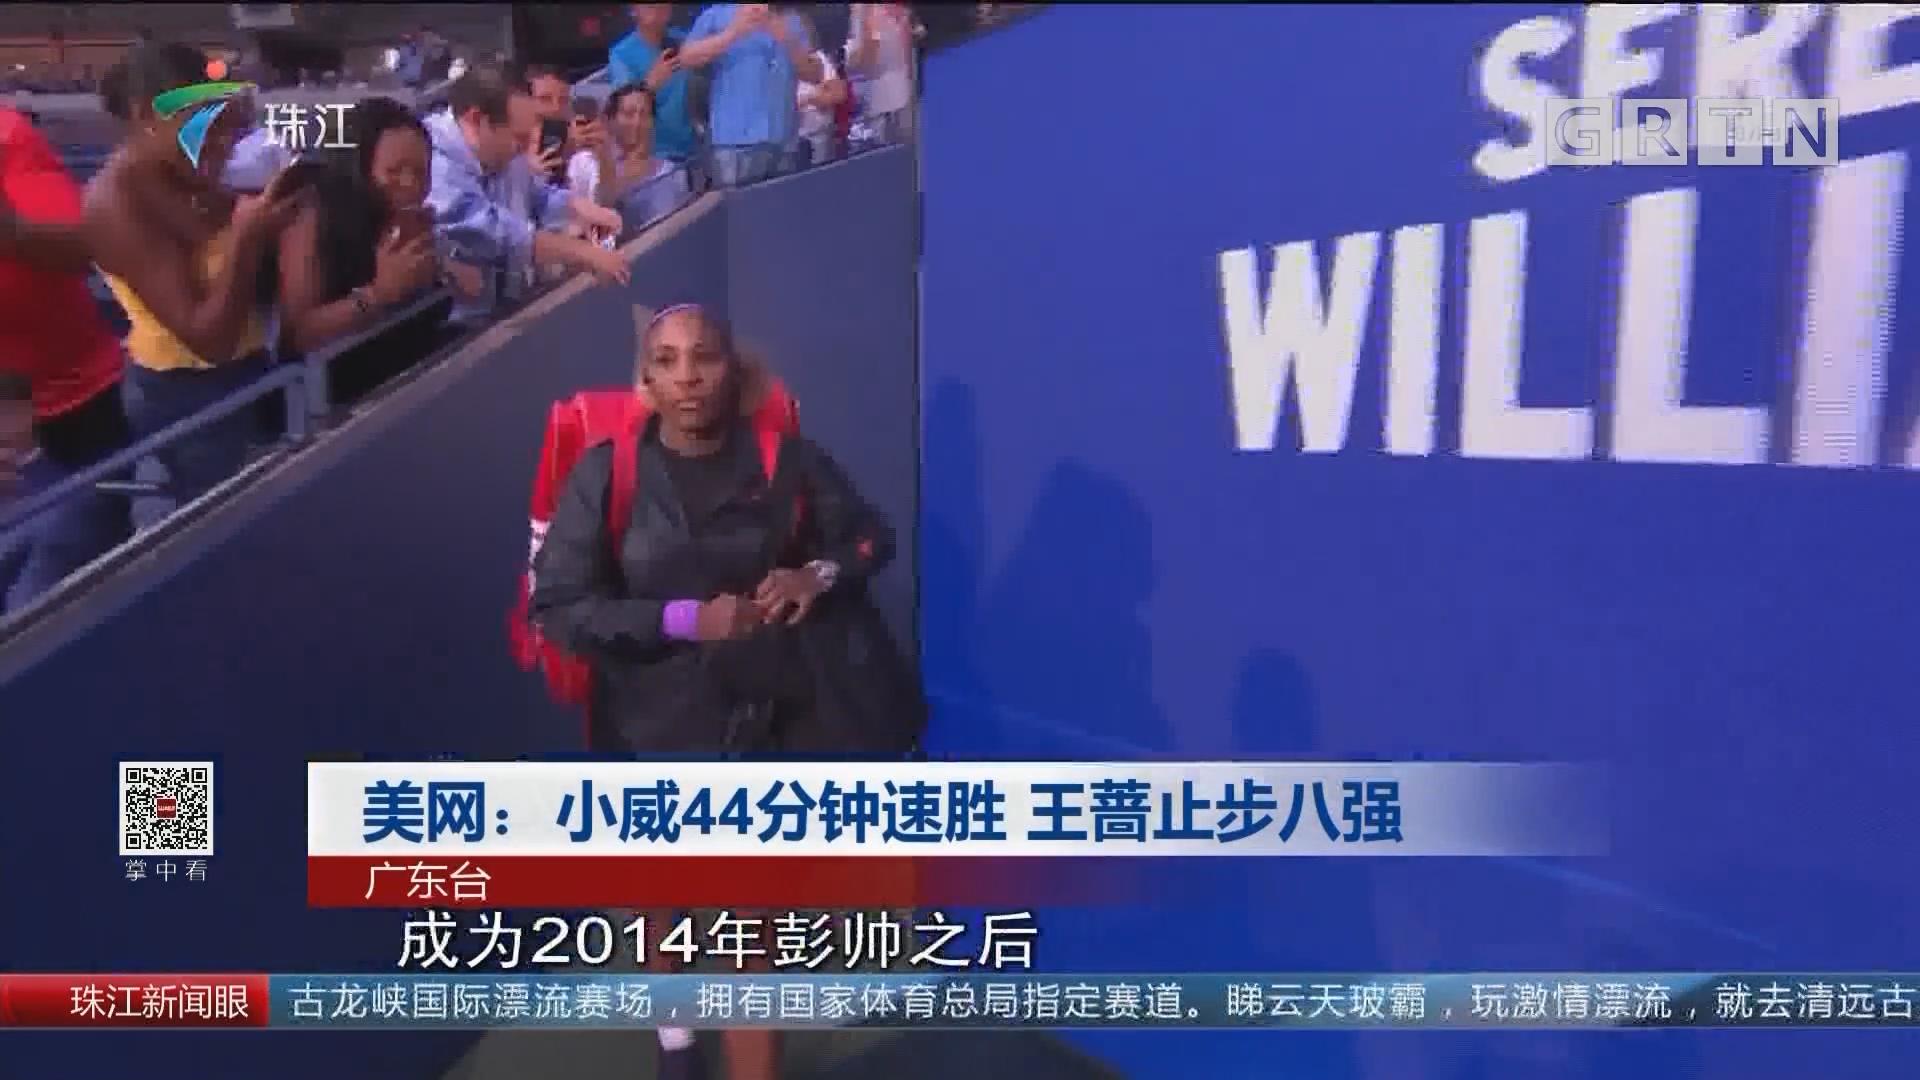 美网:小威44分钟速胜 王蔷止步八强